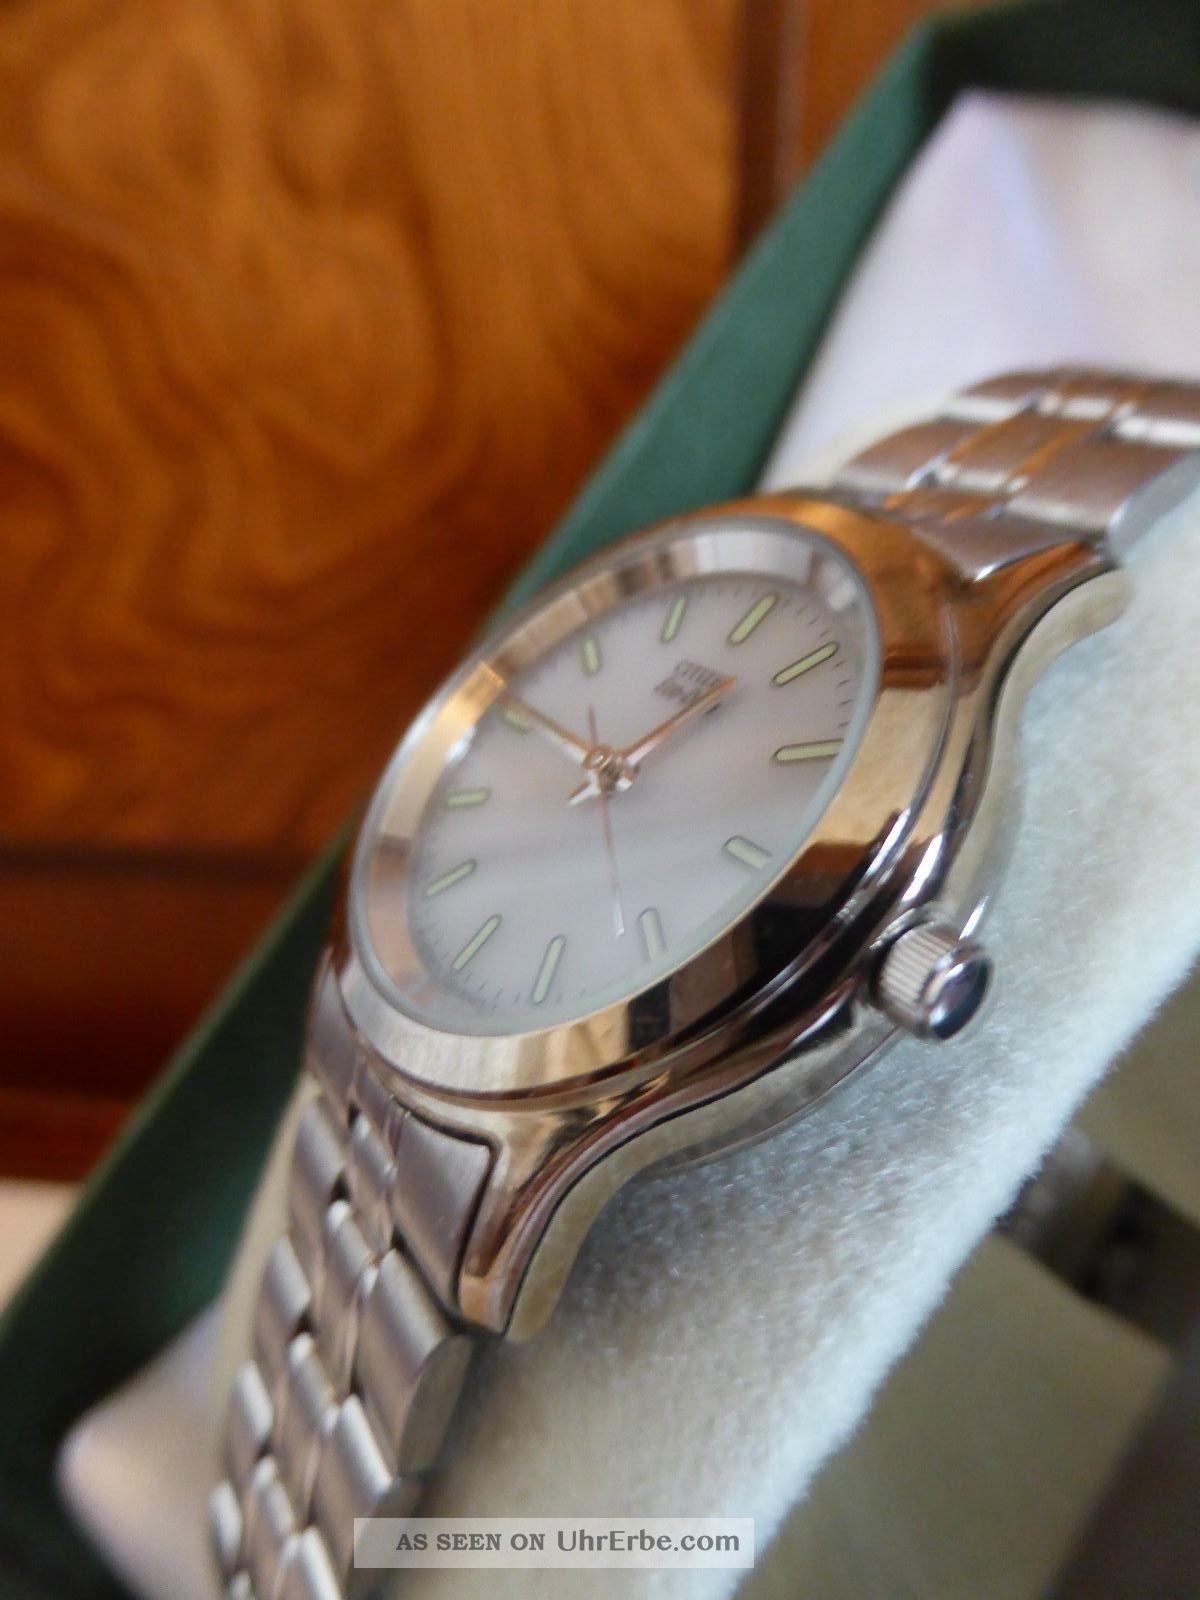 Citizen Eco Drive Armbanduhren Bild